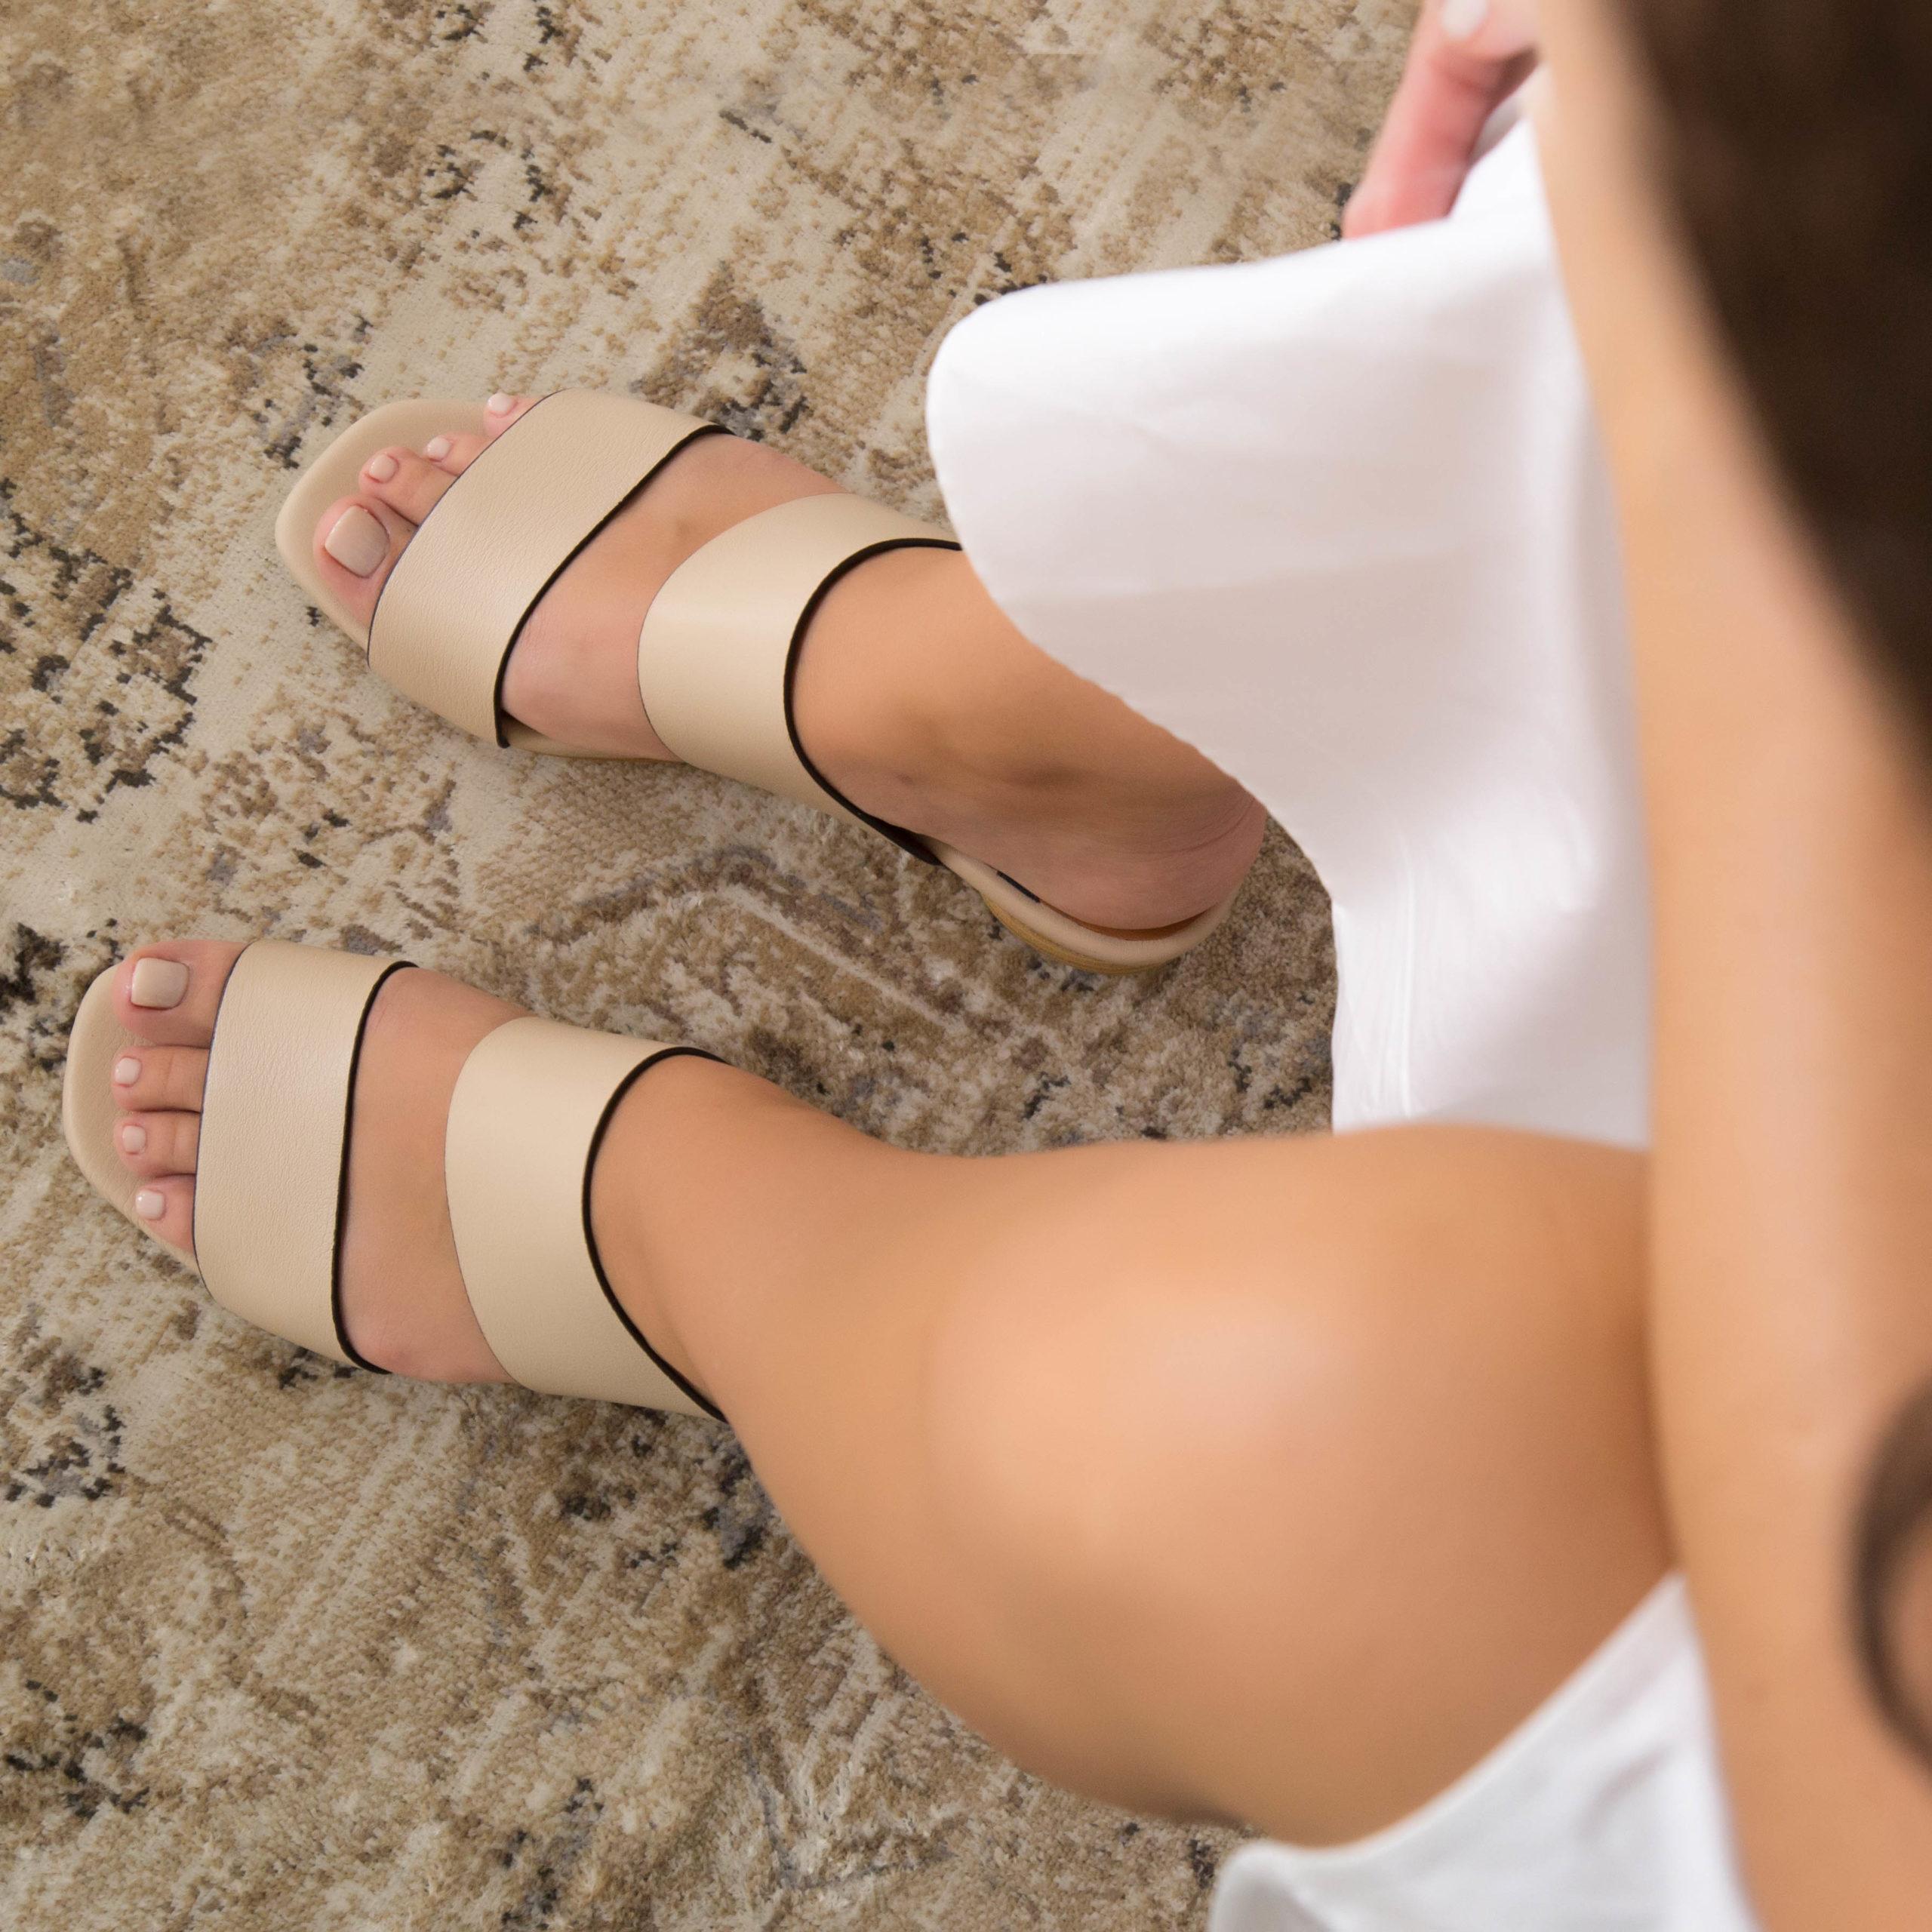 zapatos color nude tacon madera redondo FEROE - Sandalia de mujer de piel con tacón bajo i